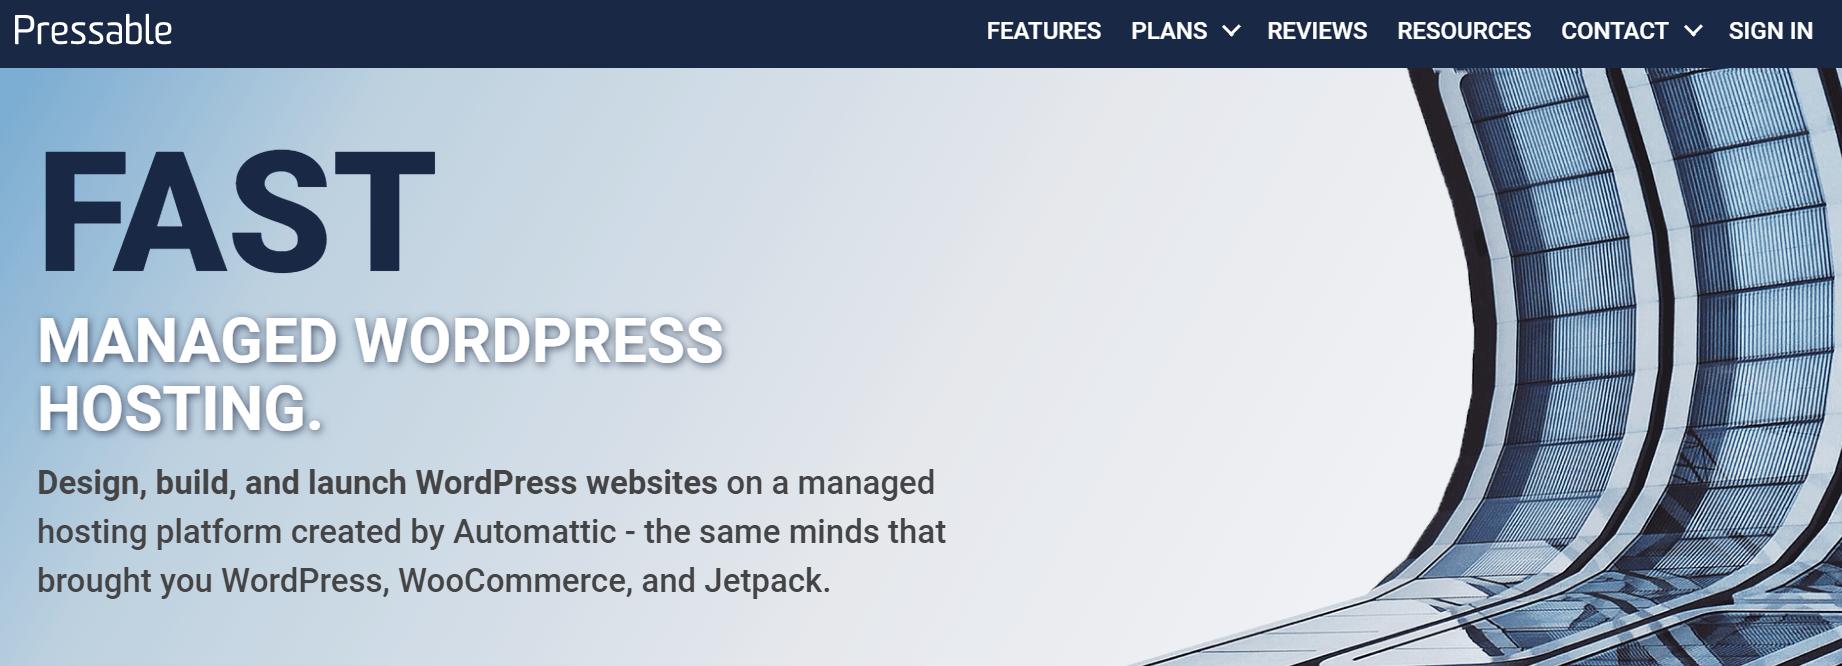 可印刷主页。